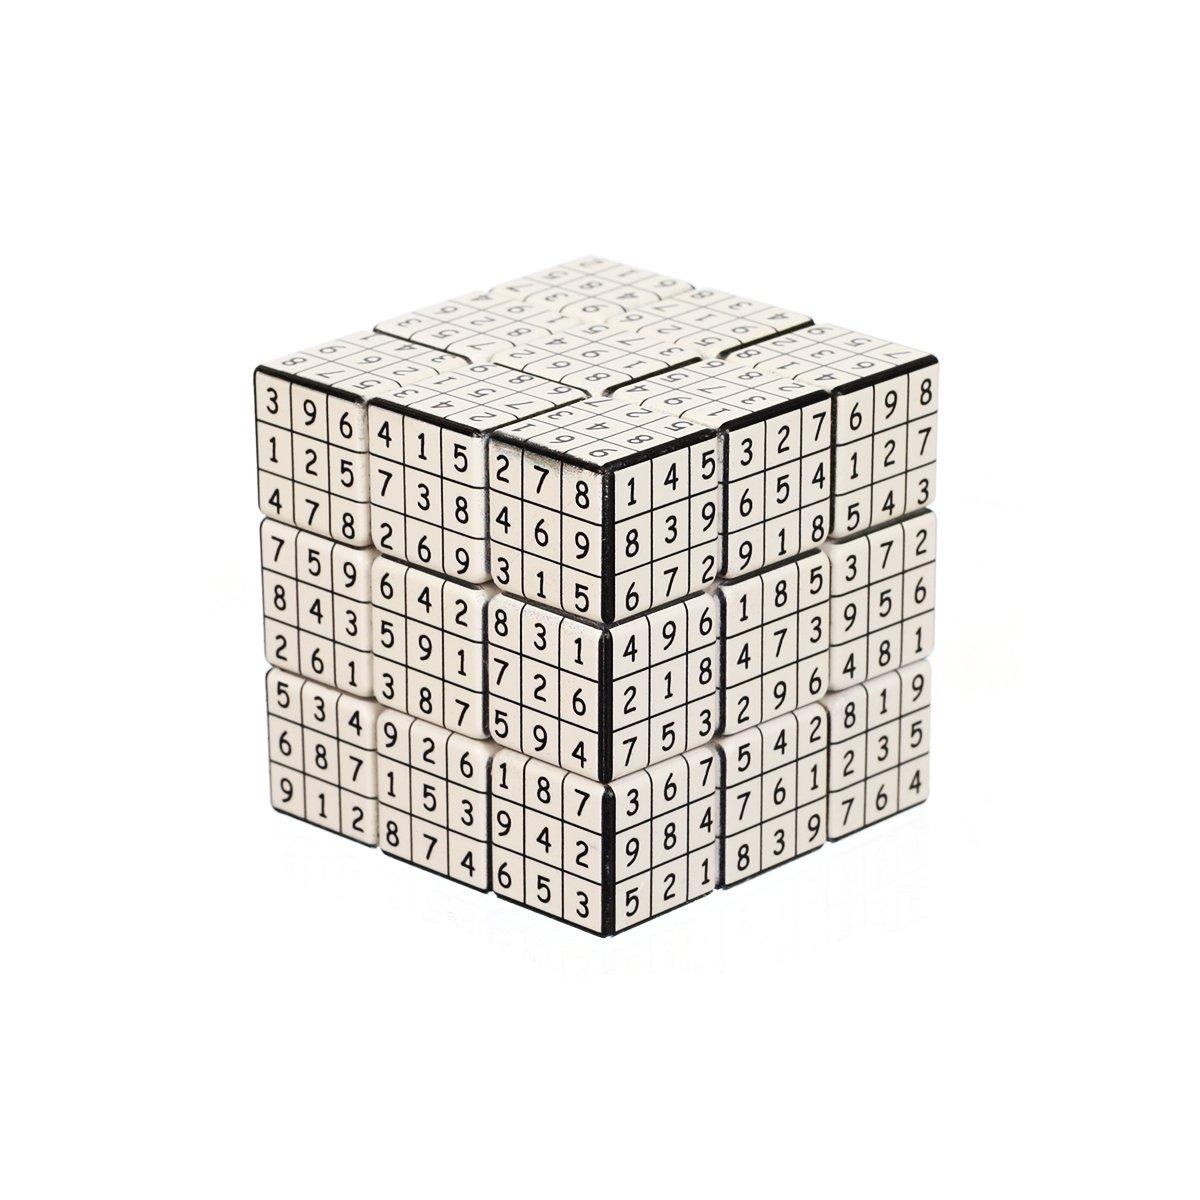 V-Cube V-Udoku 3 Cube Toy Getting Fit VCB-3-V-UDOKU